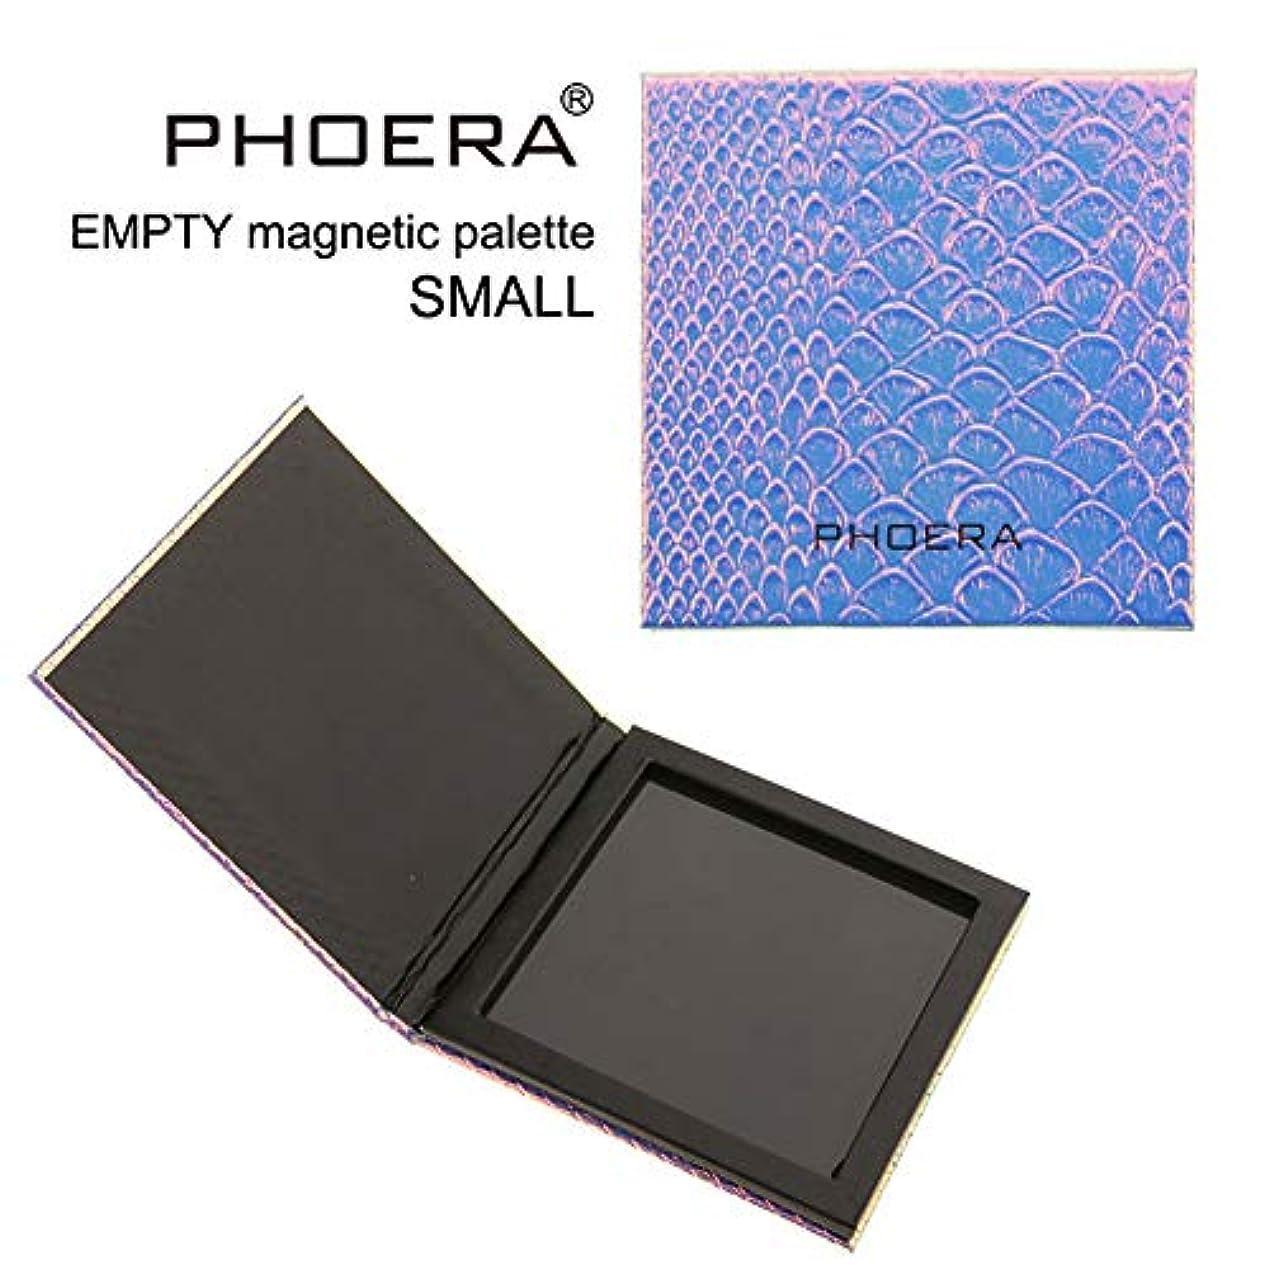 堂々たるカメ立方体磁気アイシャドウメイクアップパレットエンプティ-ビューティージャンキーズスモールコンパクトアイシャドウメイクアップパレット